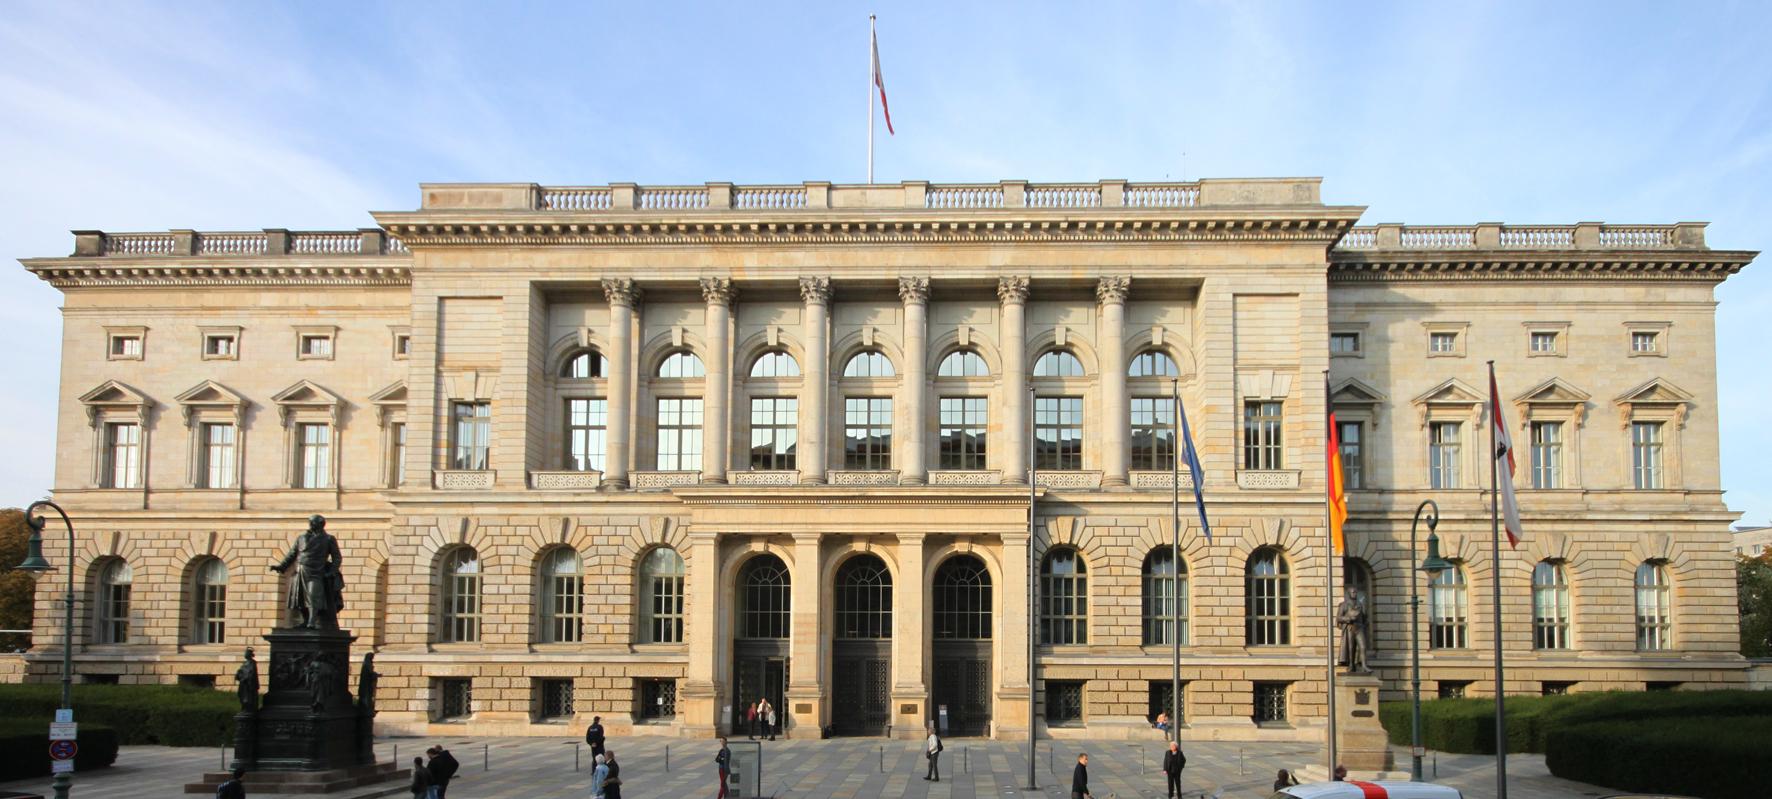 """""""Abgeordnetenhaus"""" von Abghs - Eigenes Werk. Lizenziert unter CC-BY-SA 4.0 über Wikimedia Commons - http://commons.wikimedia.org/wiki/File:Abgeordnetenhaus.jpg#/media/File:Abgeordnetenhaus.jpg"""